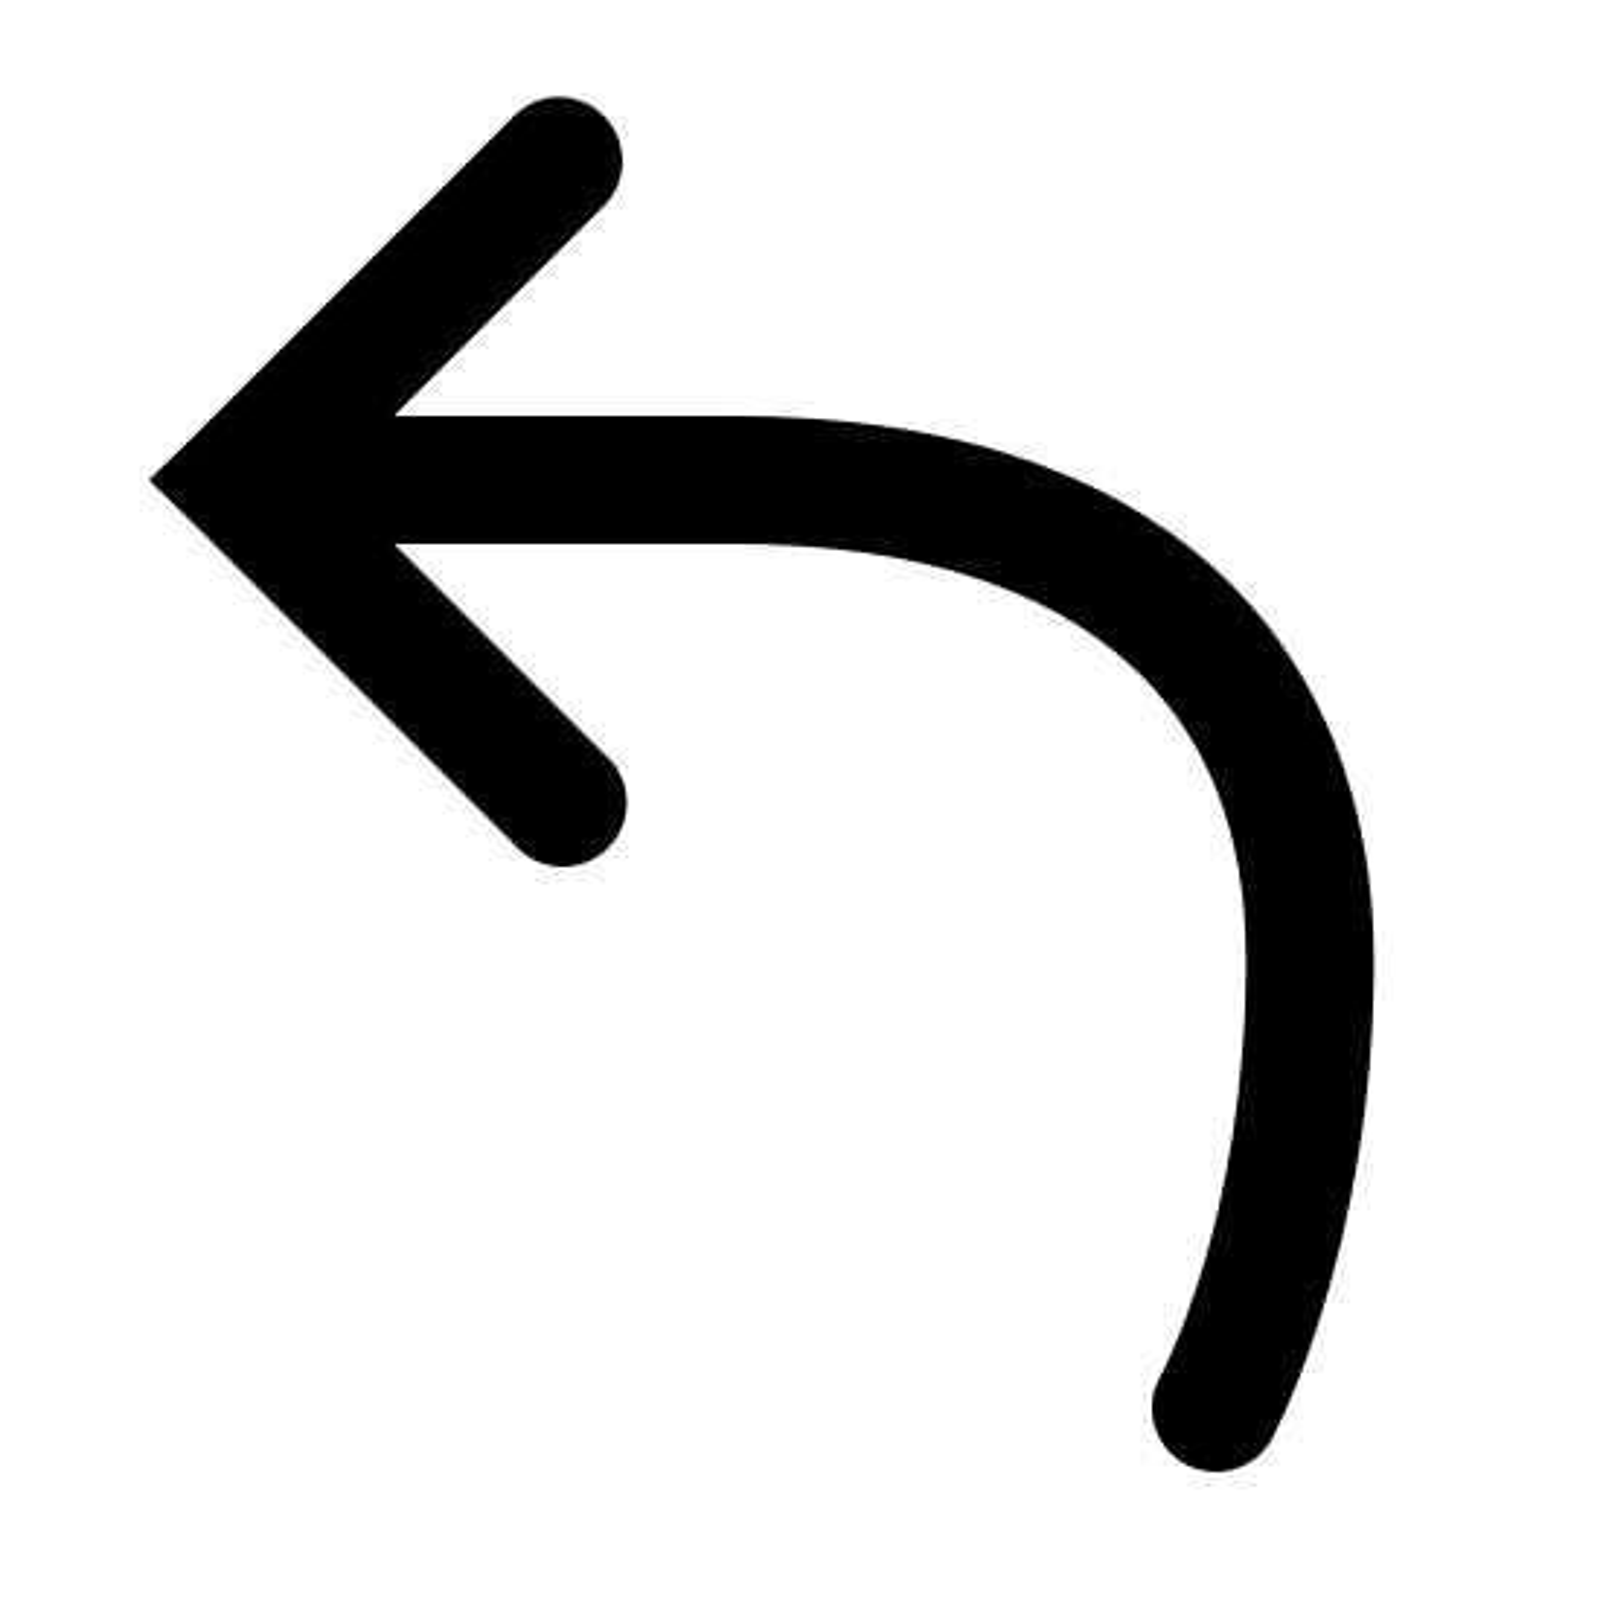 元に戻す icon. The icon shows an arrow that is pointing to the right, which has a base with a 90 degree turn. This icon would be seen for an undo button for a document on a computer or similar.